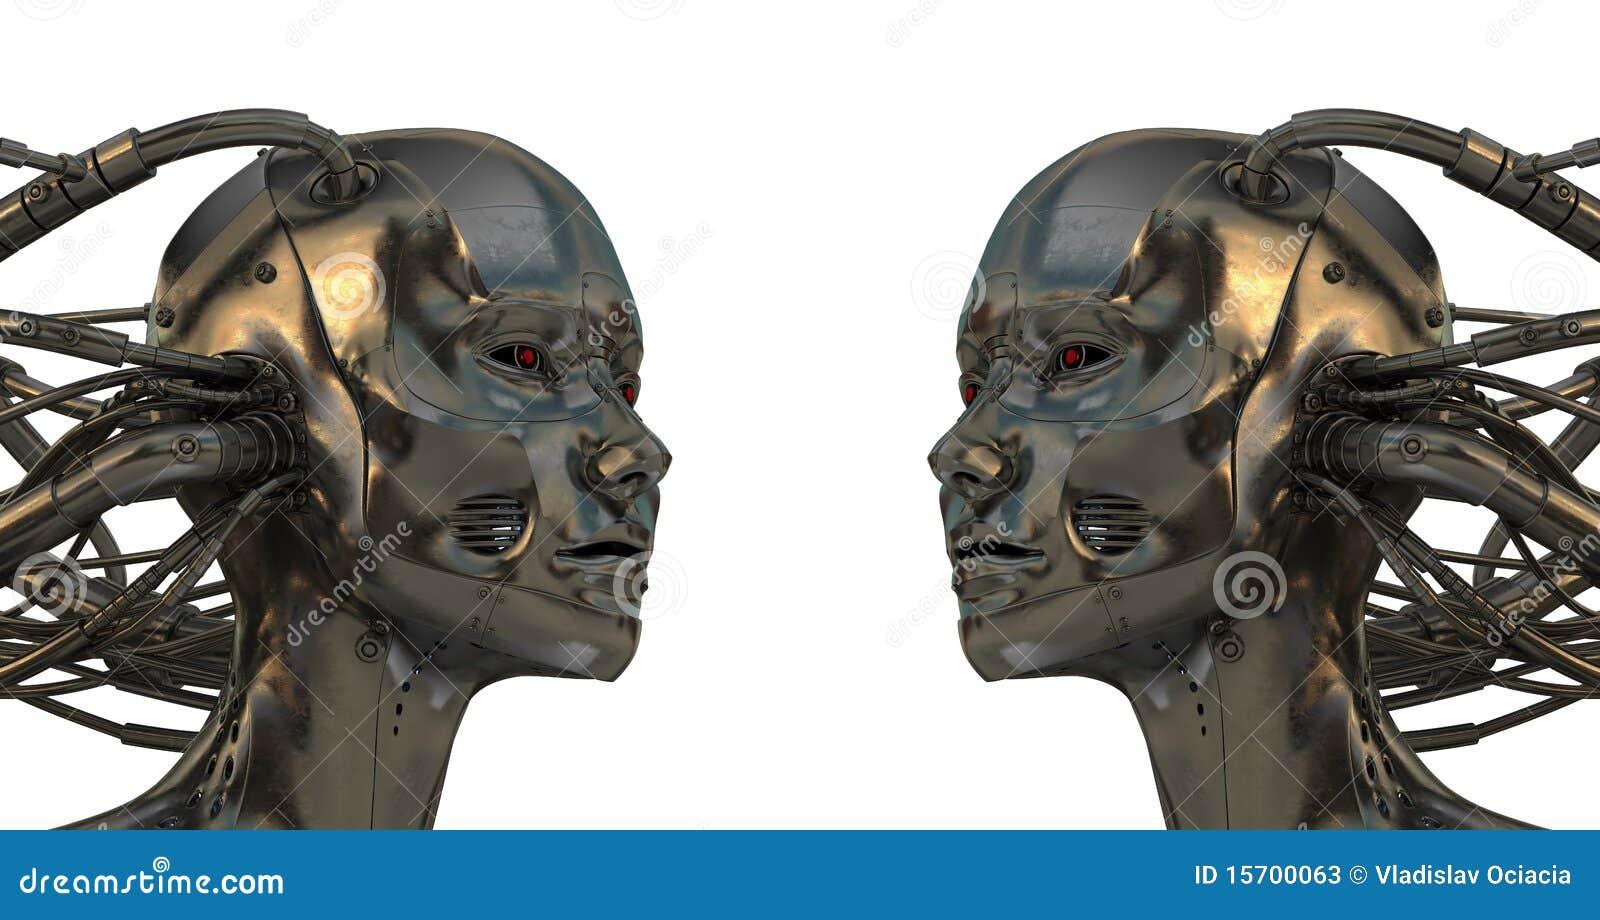 Kalla cyborgrobotar